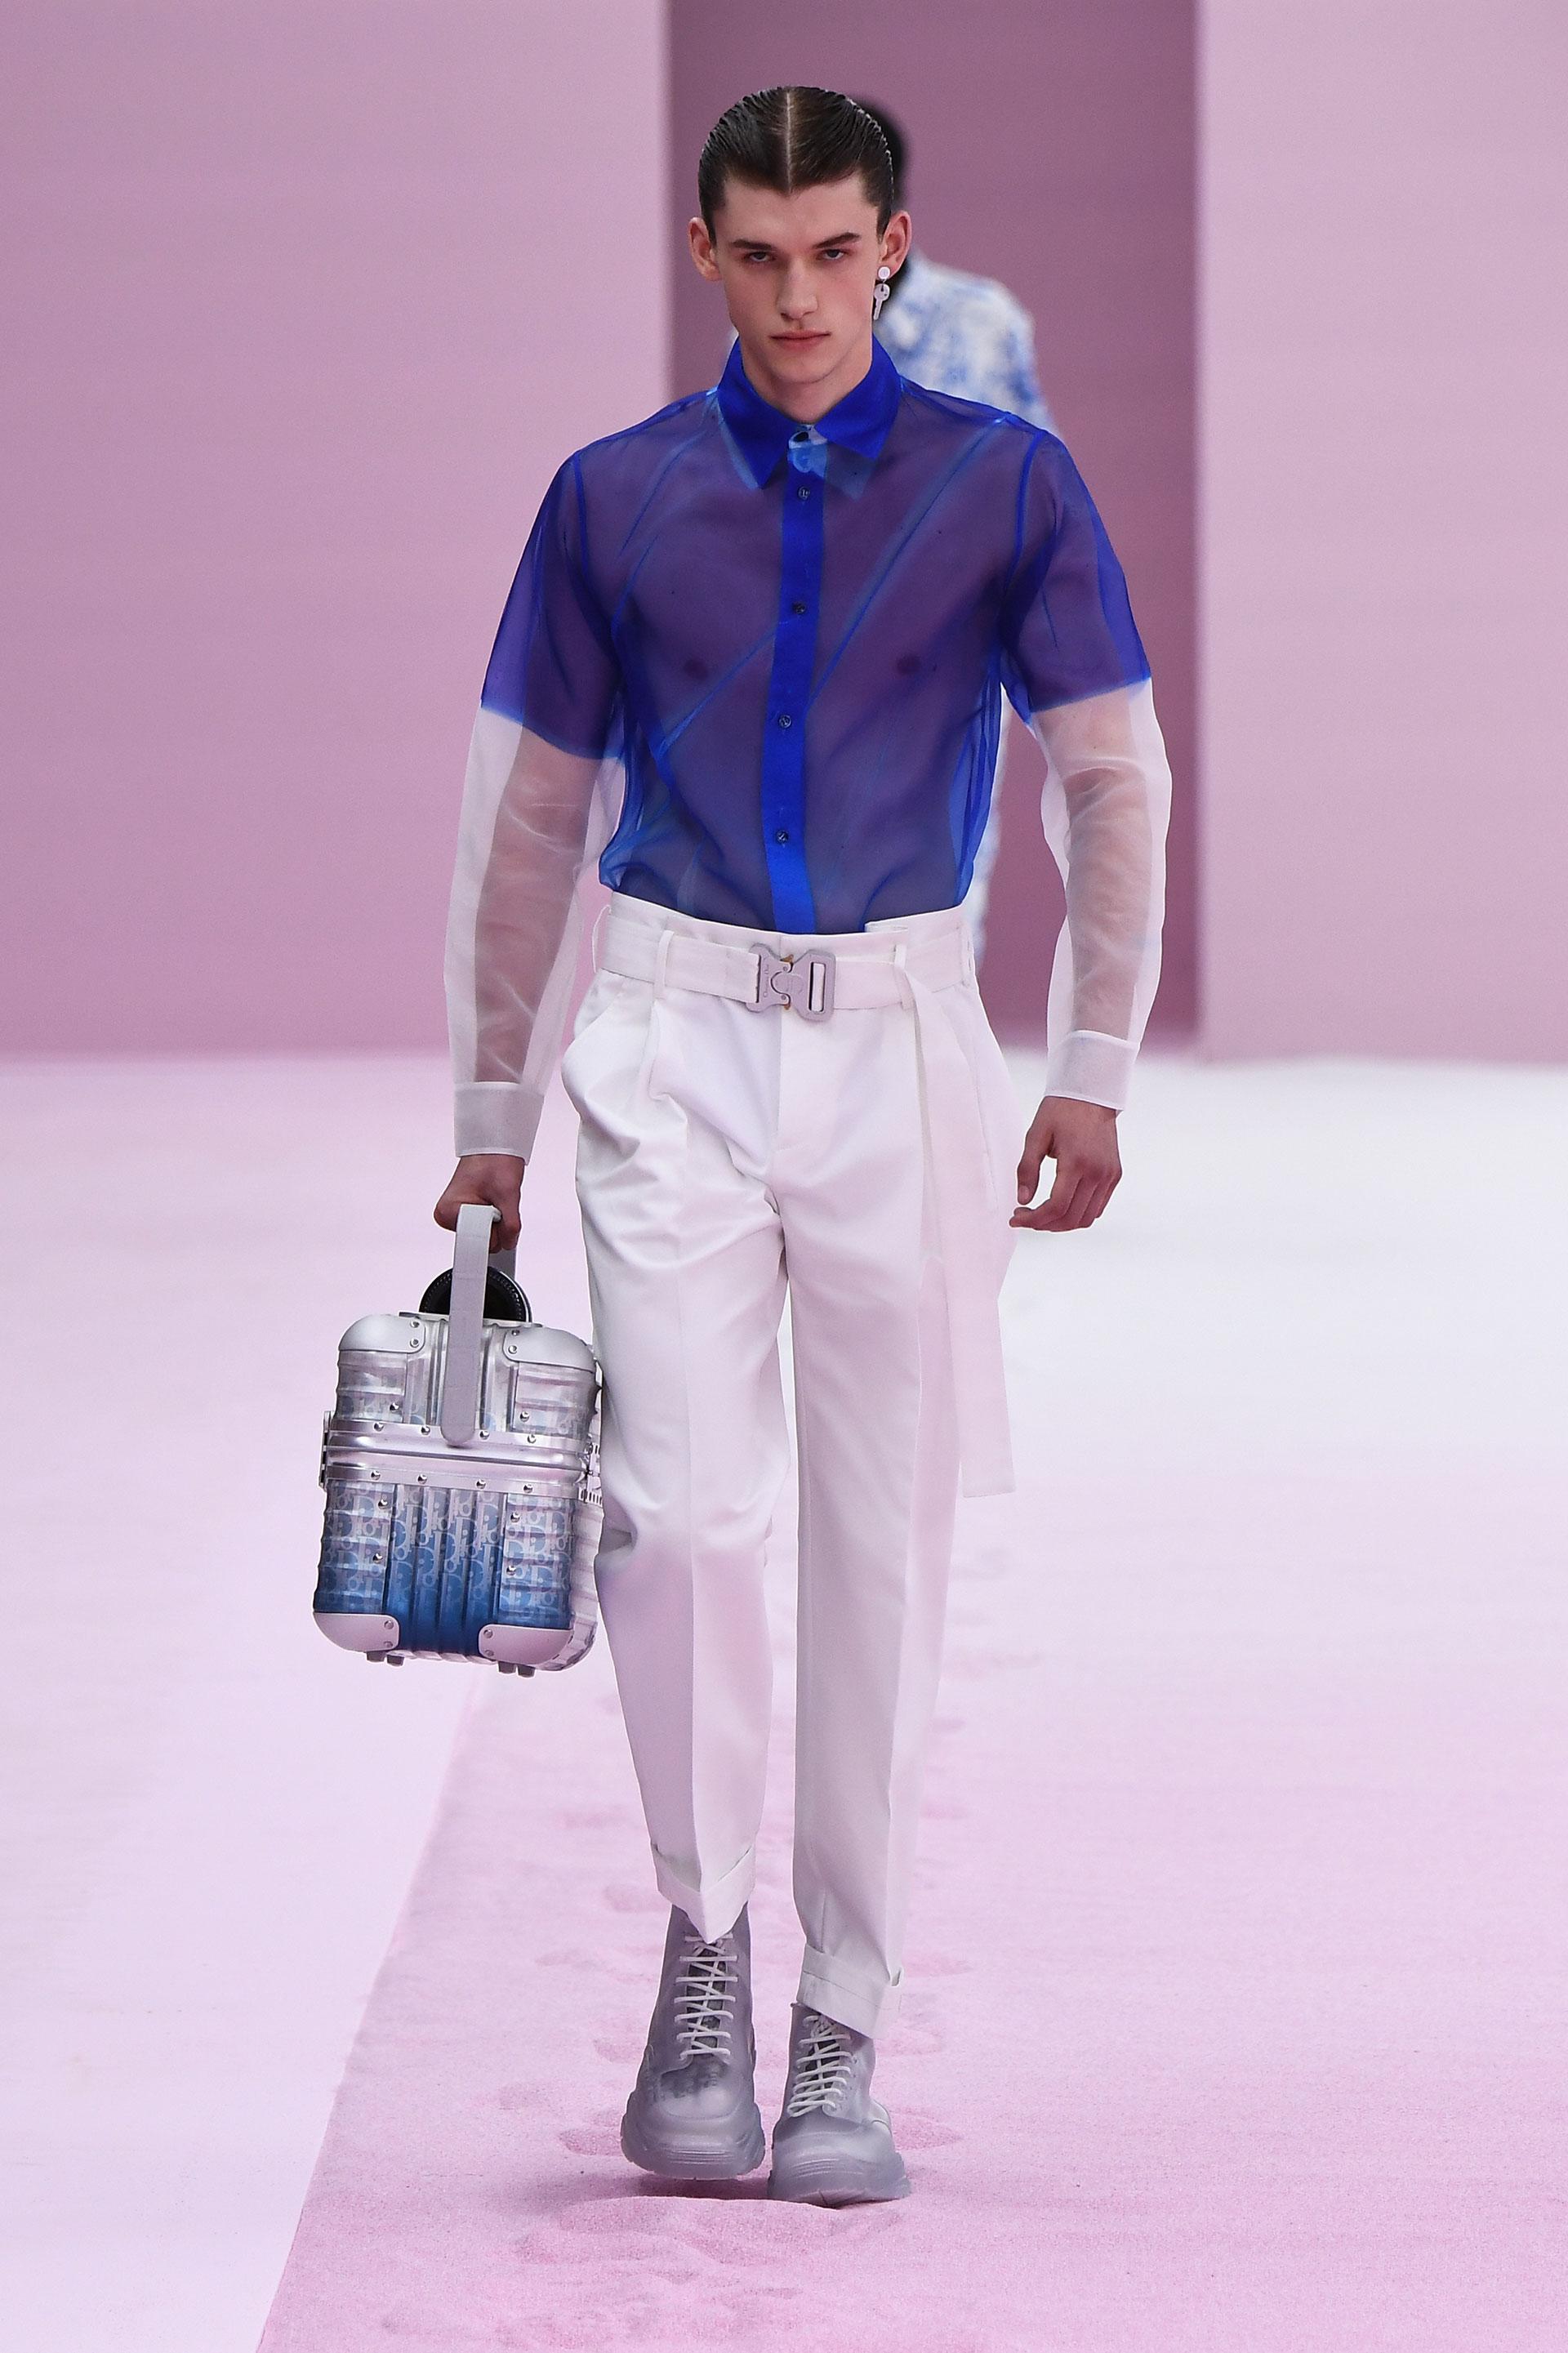 Dior homme presentó su colección primavera verano 2020 con una explosión de color en rosa, blanco empolvados, azules y grises como principales protagonistas en esta nueva temporada. La sastrería de organza